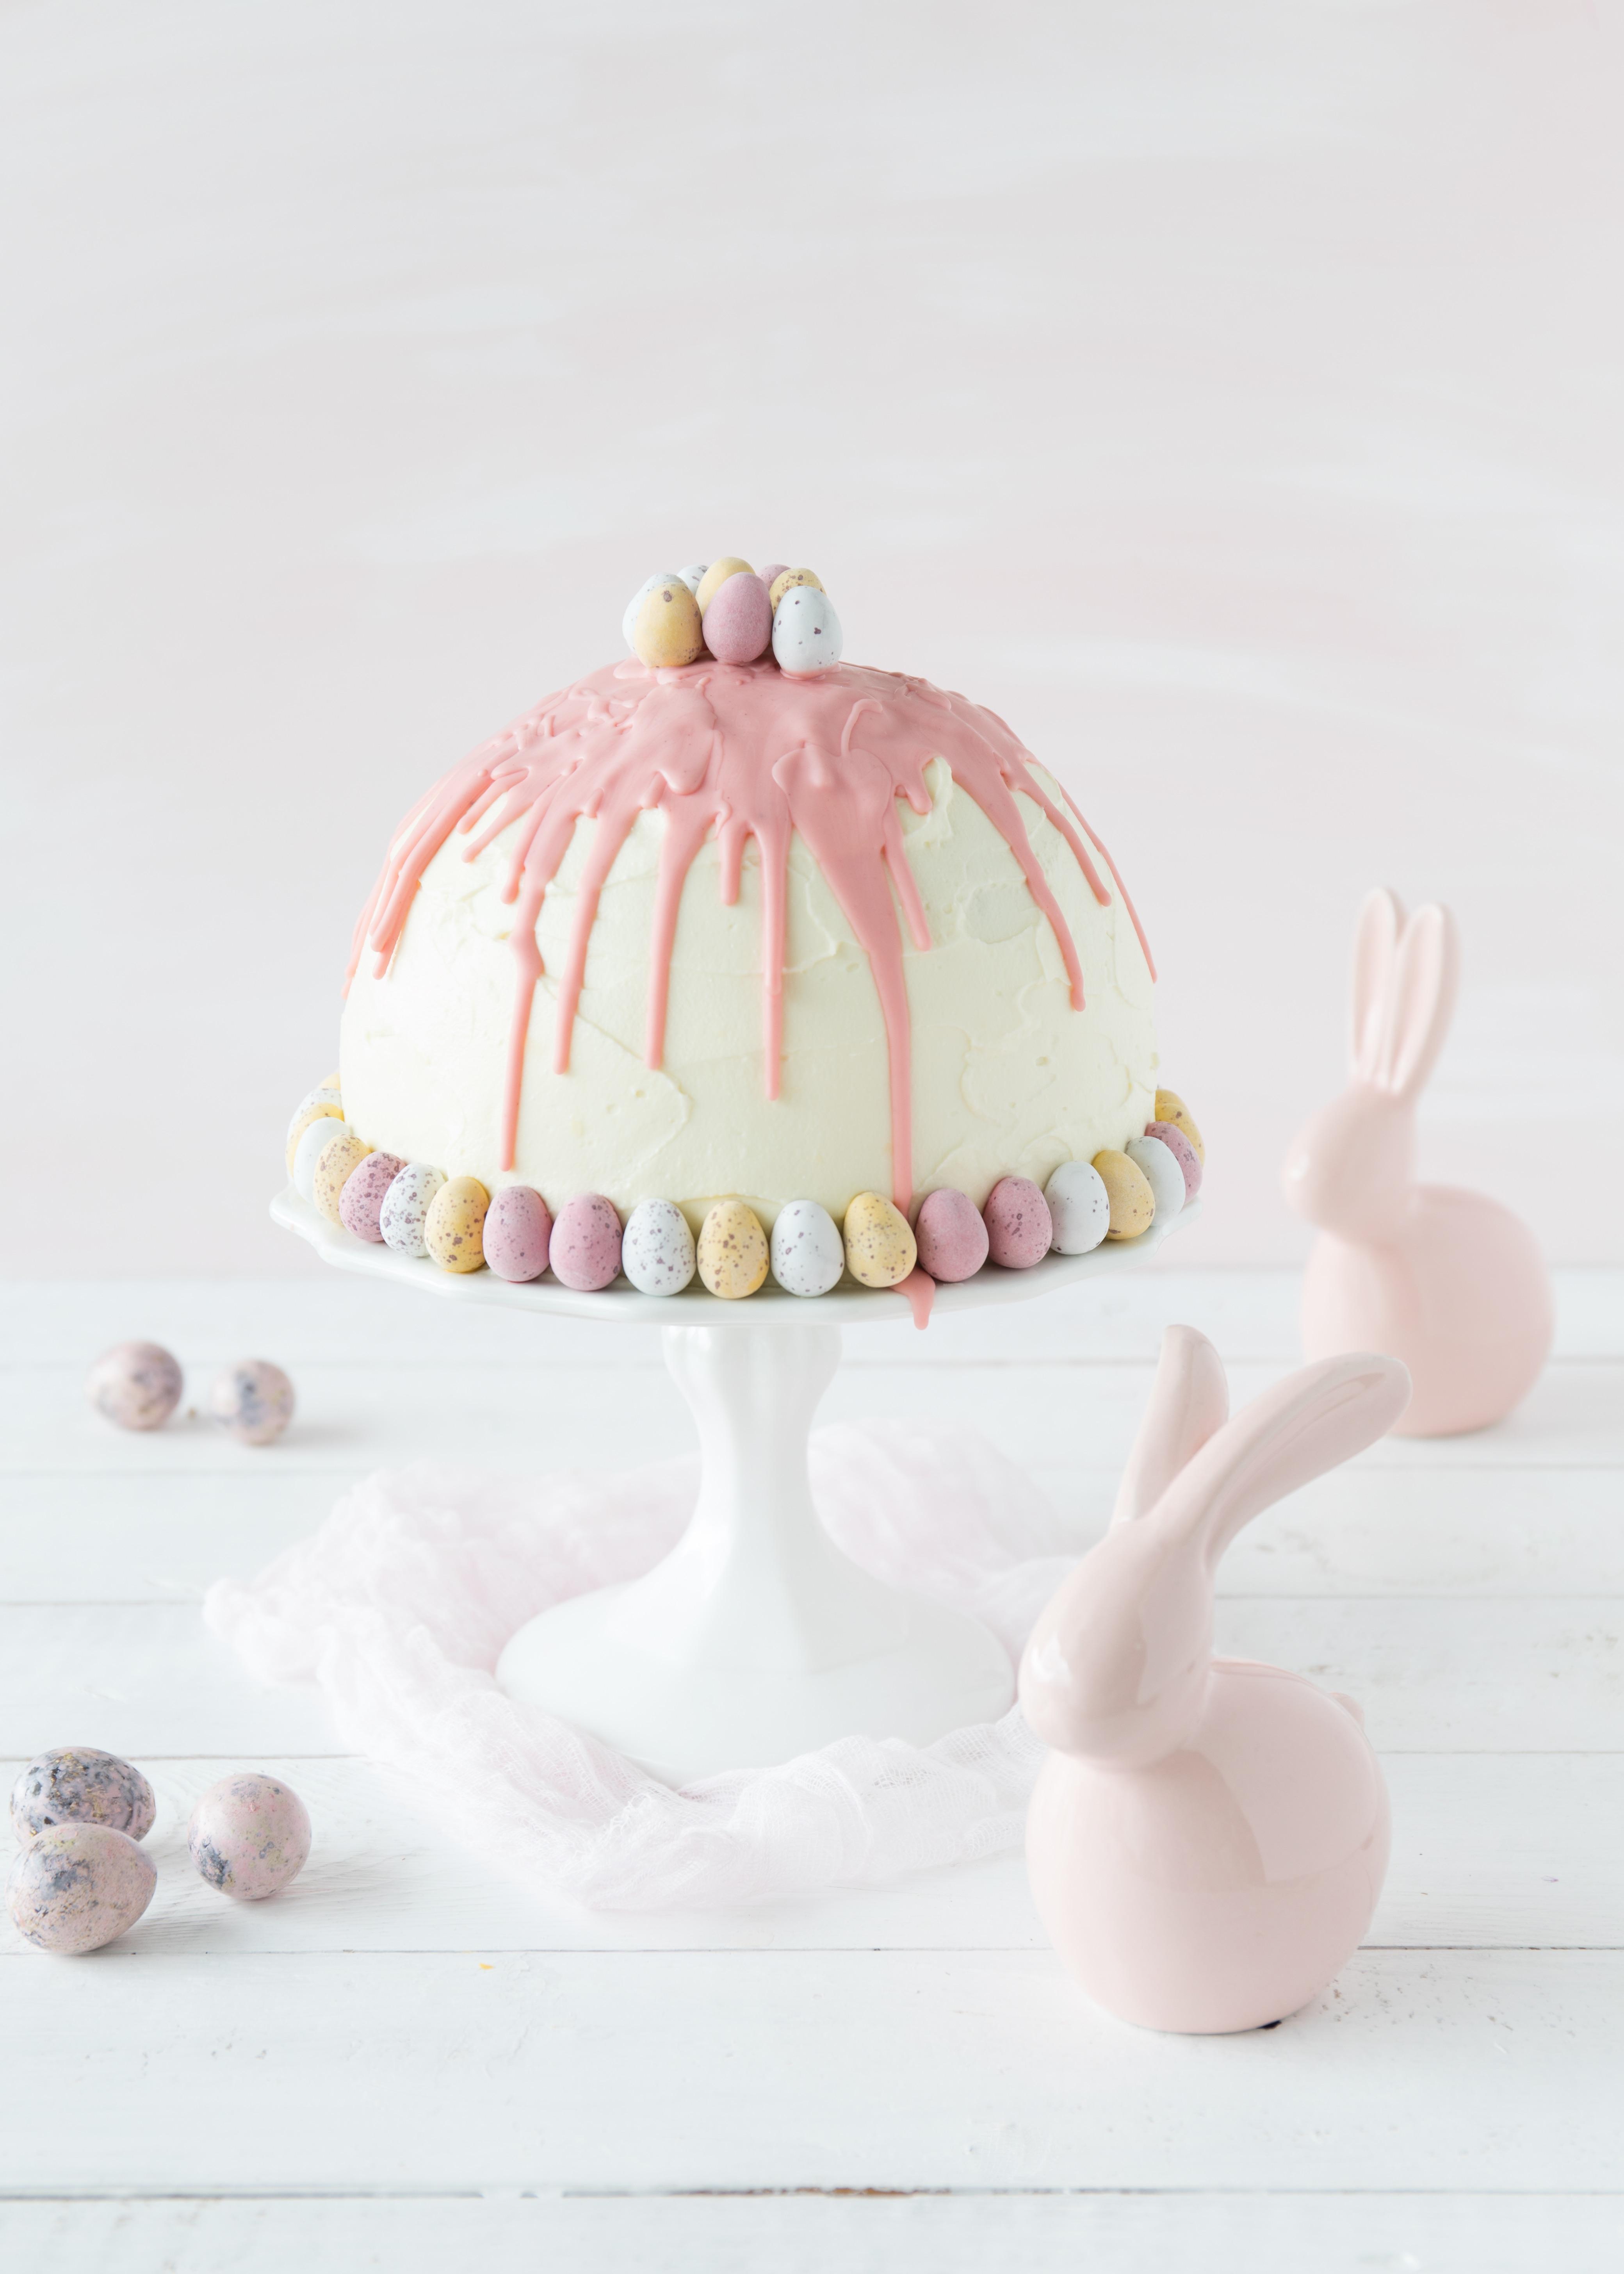 Kuppeltorte Rezept zu Ostern mit Erdbeeren Rhabarber Kuppeltorte backen #ostern #easter #cake #torte #dripcake | Emma´s Lieblingsstücke